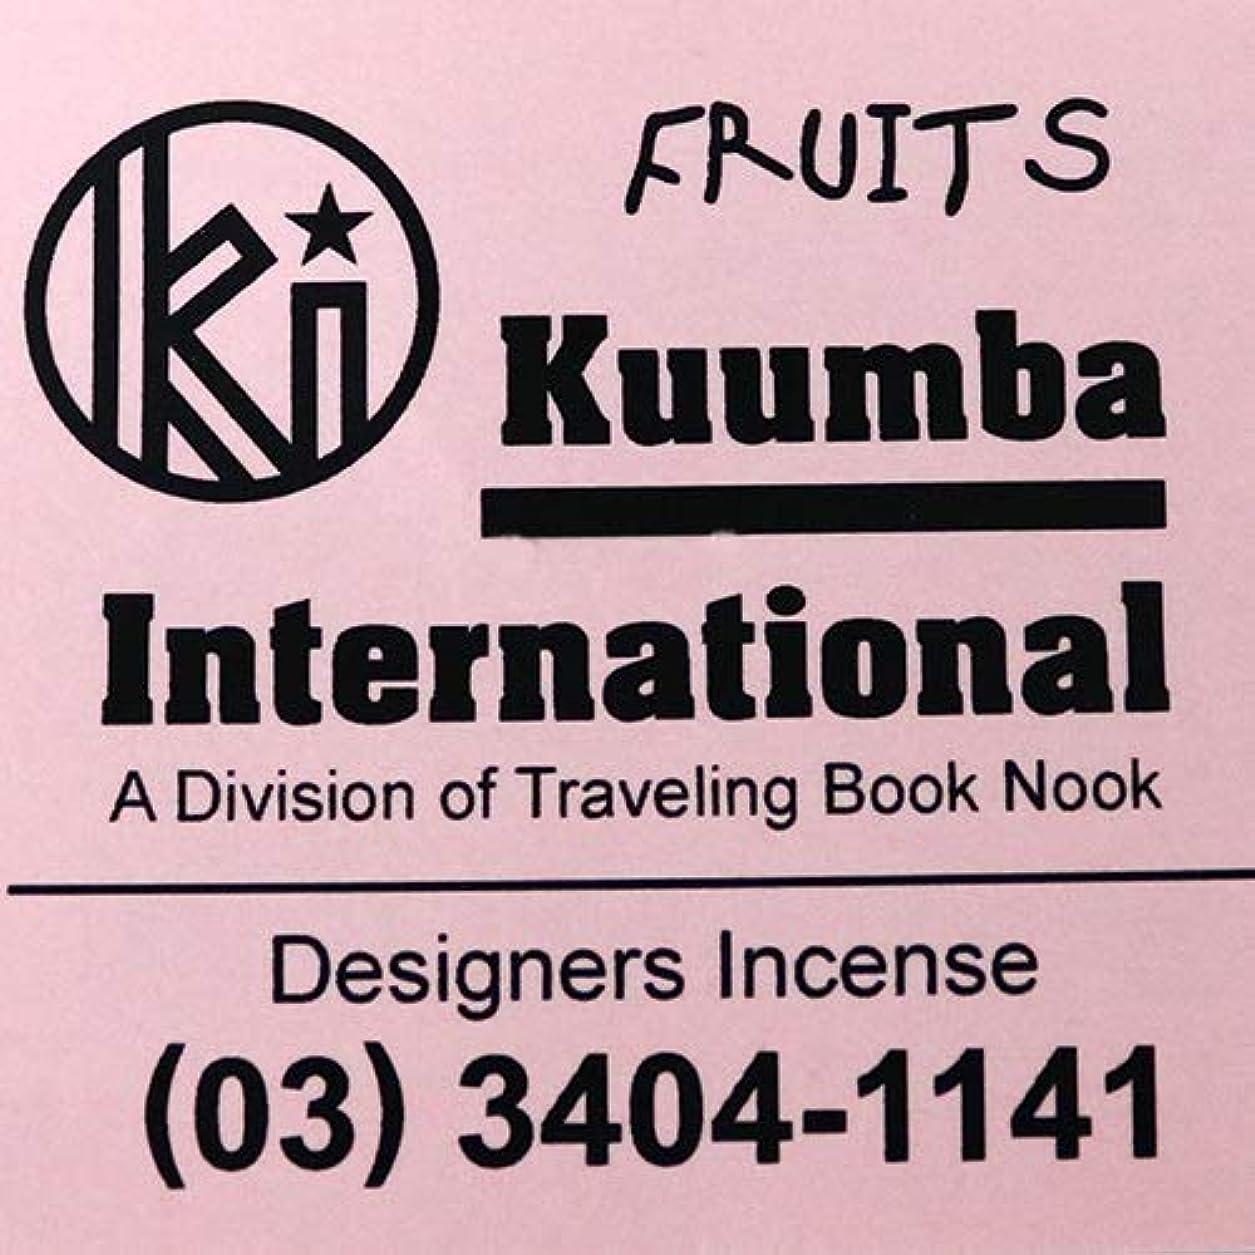 怖がらせる九振り向く(クンバ) KUUMBA『incense』(FRUITS) (FRUITS, Regular size)